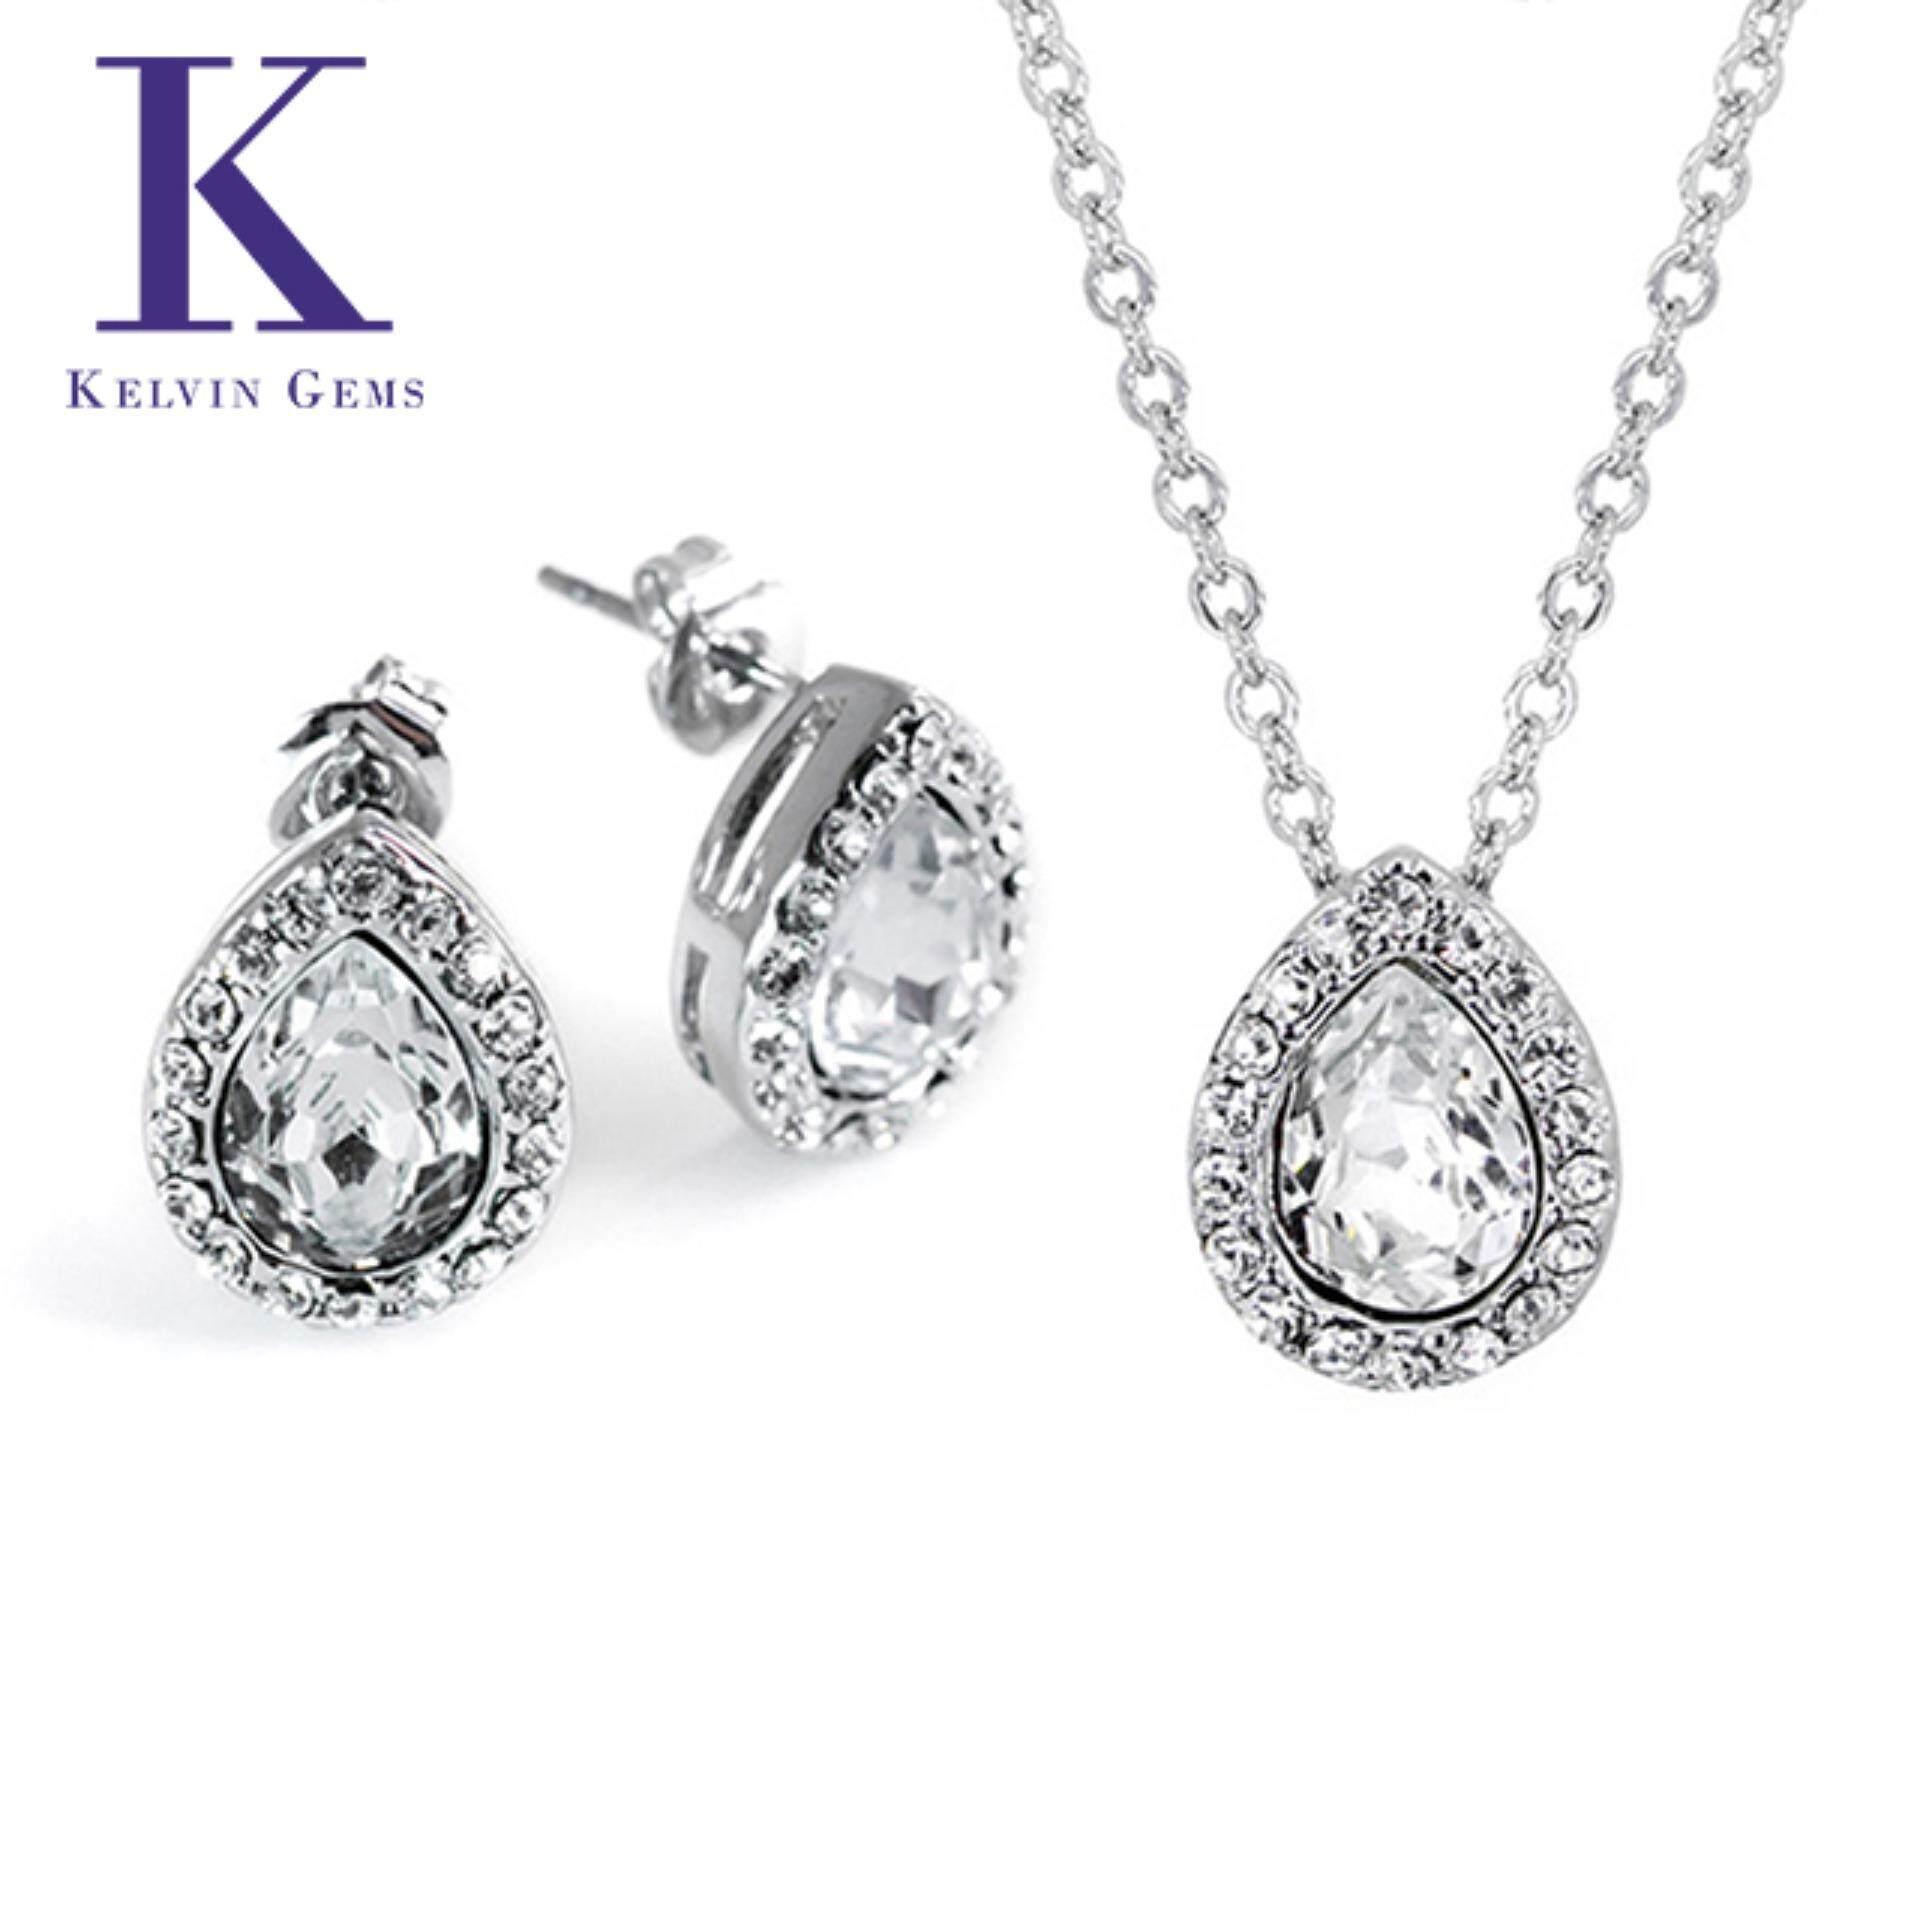 Kelvin Gems Glam Angelic Gift Set m/w SWAROVSKI Elements